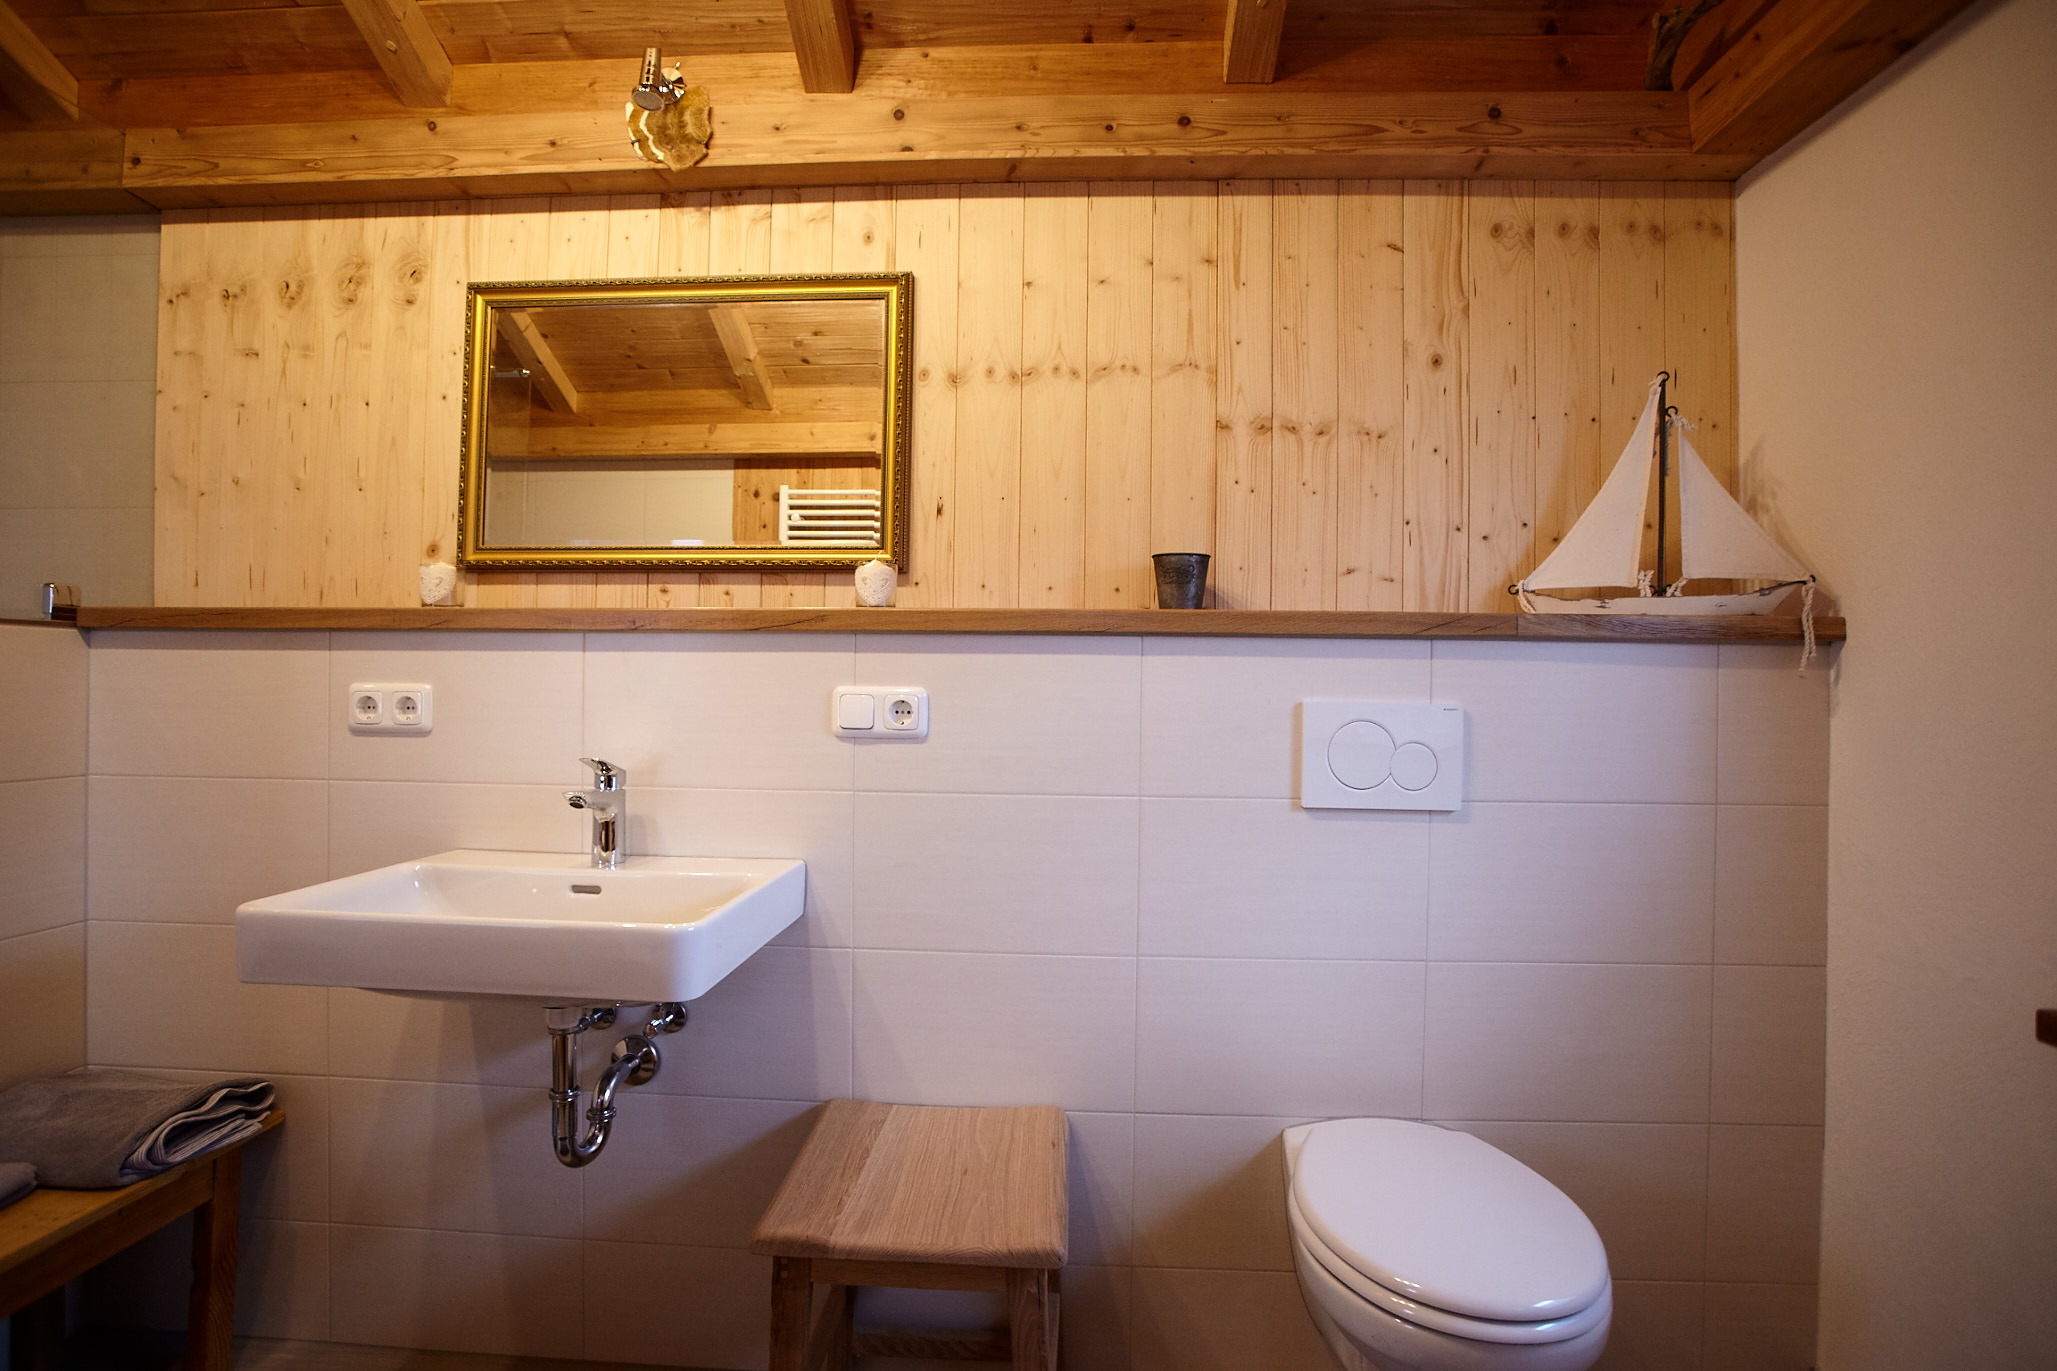 Im separaten Waschhaus befindet sich eine Toilette, ein Waschbecken und eine große Dusche.